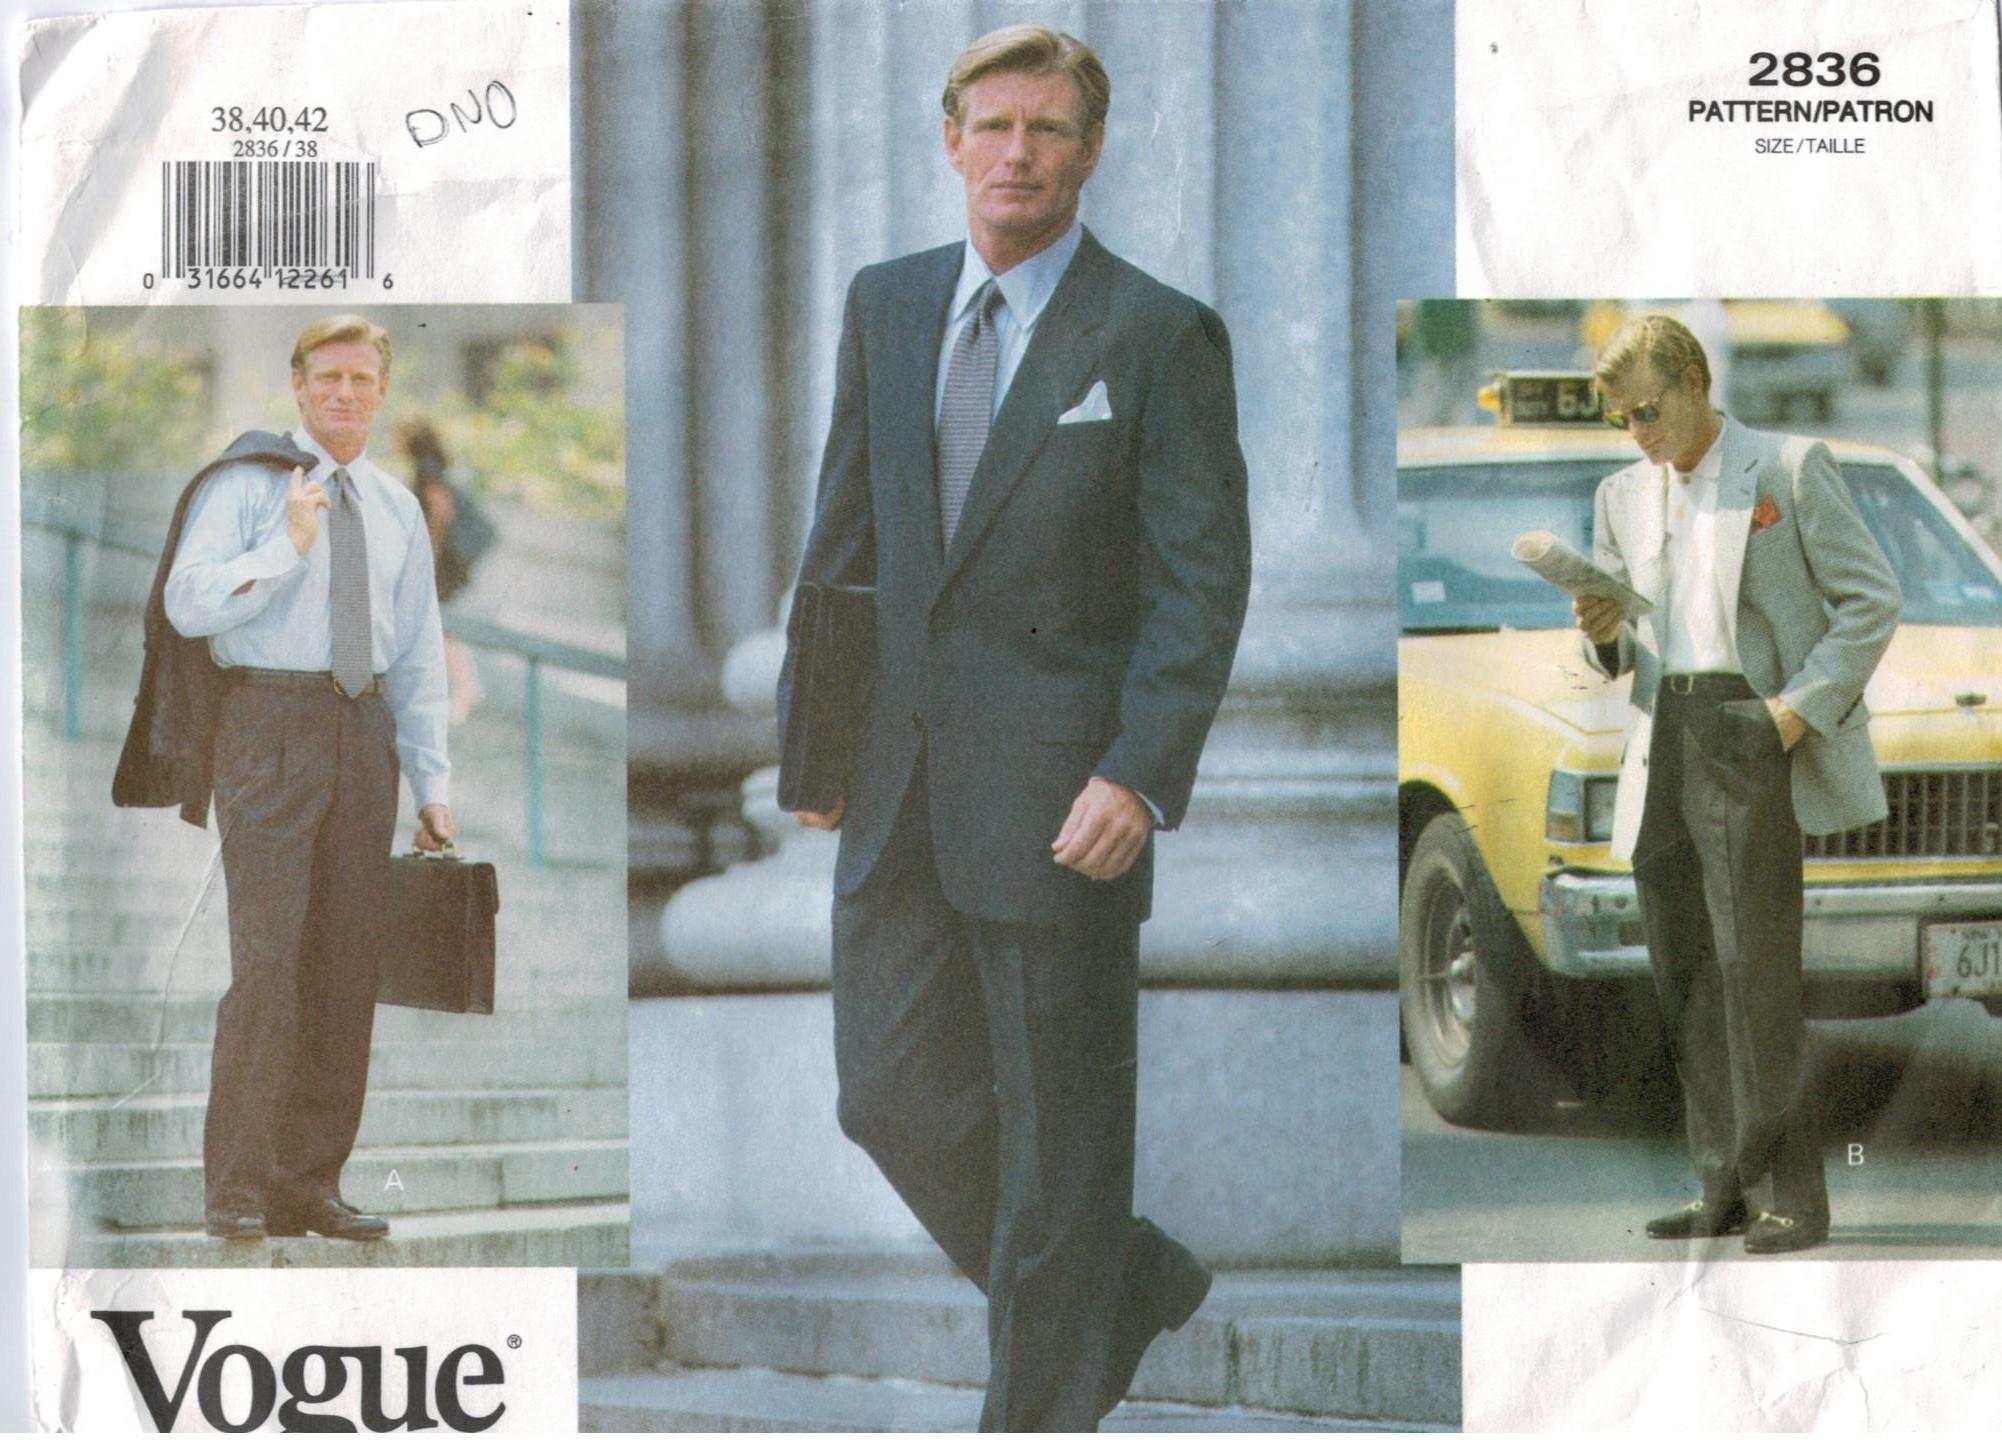 Vogue Pattern 2836 Men\'s Suit Jacket and Pants Sizes 38 40 42 ...